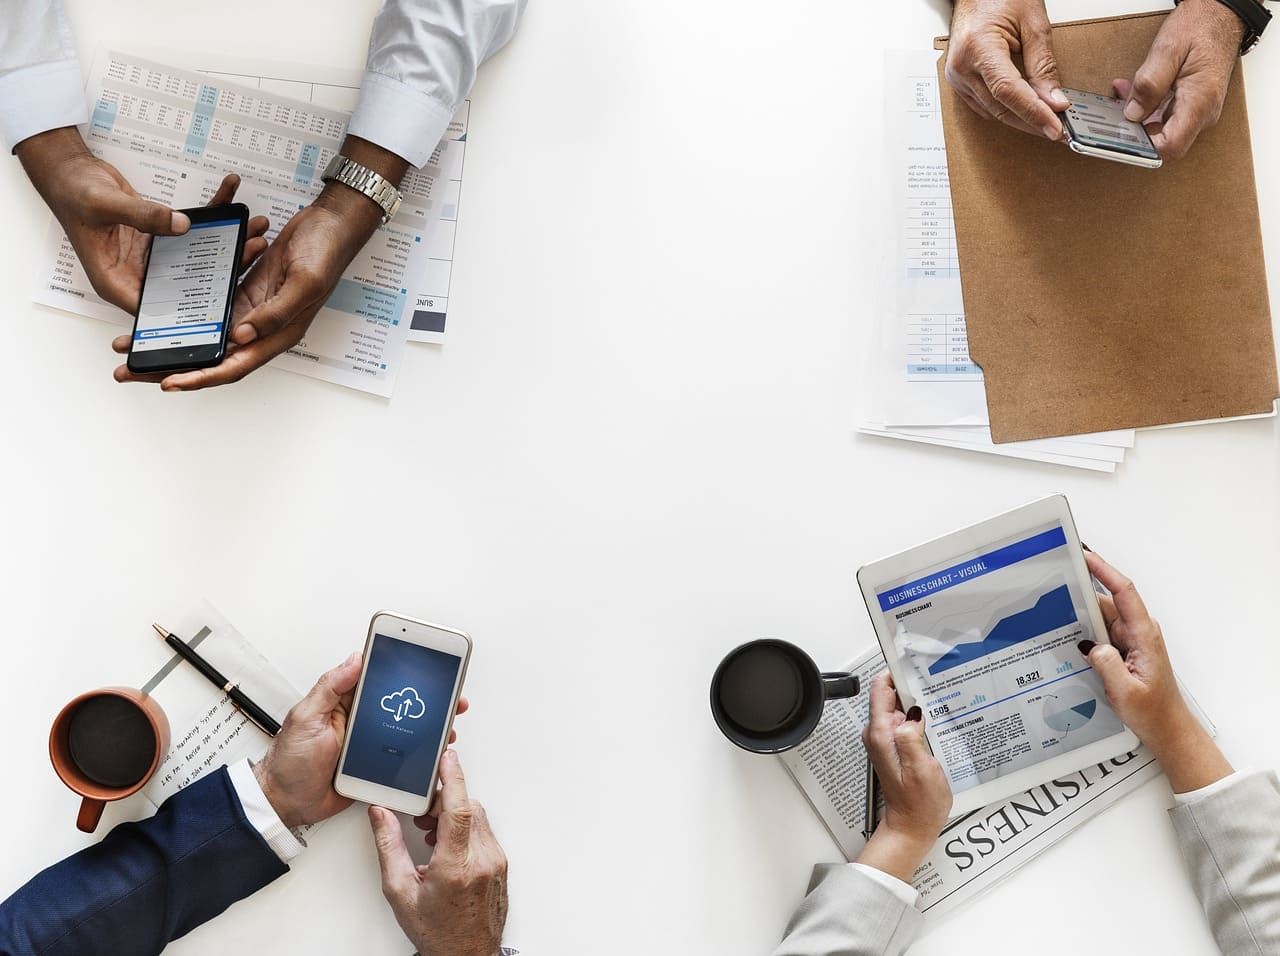 Cómo potenciar tu negocio con LinkedIn